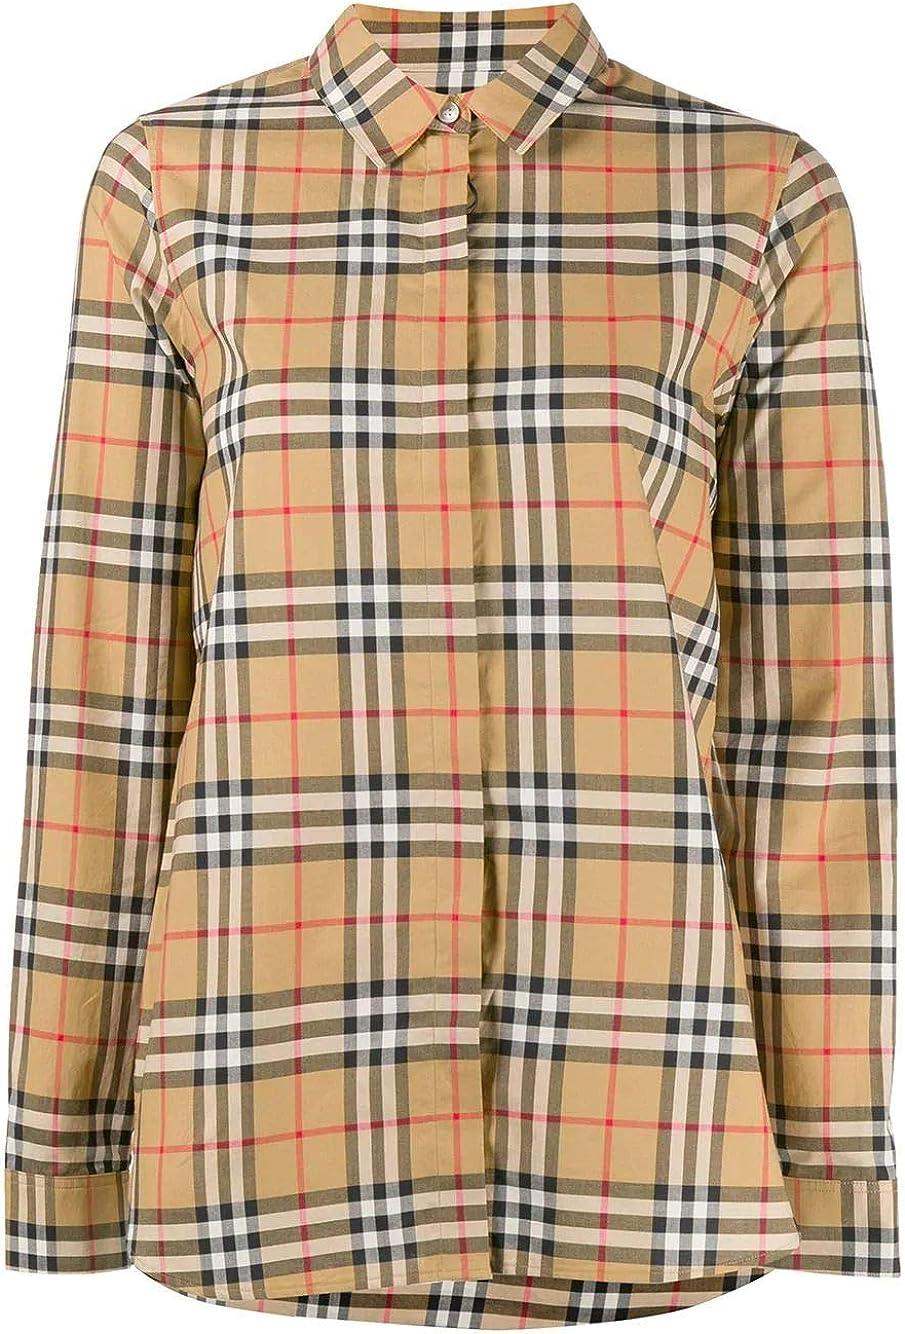 Burberry - Camisa de Invierno para Mujer, Color Beige: Amazon.es: Ropa y accesorios